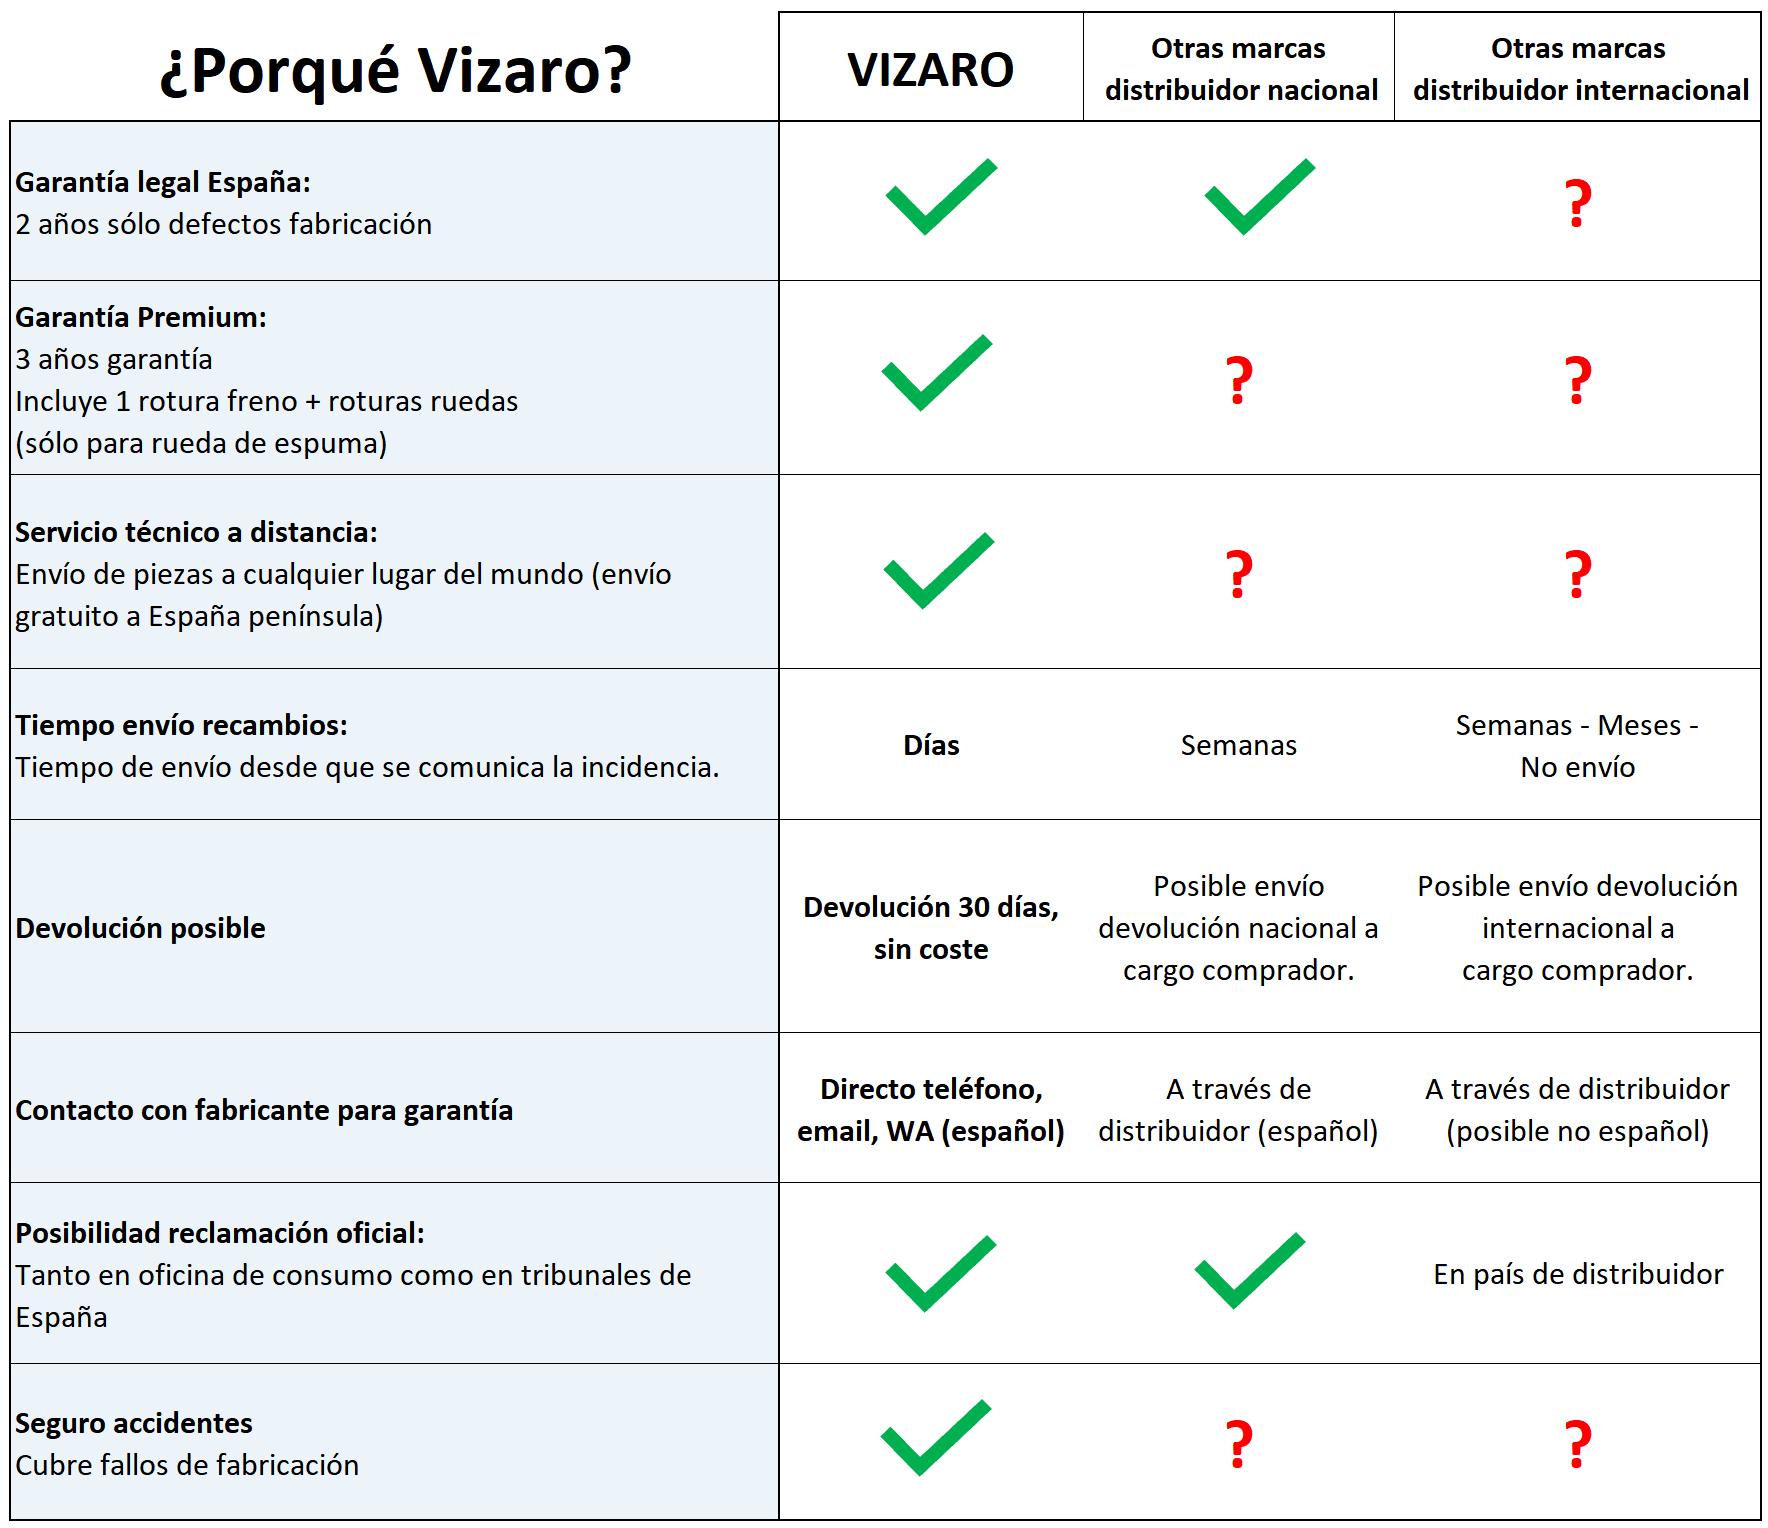 Cuadro Garantía Premium Vizaro